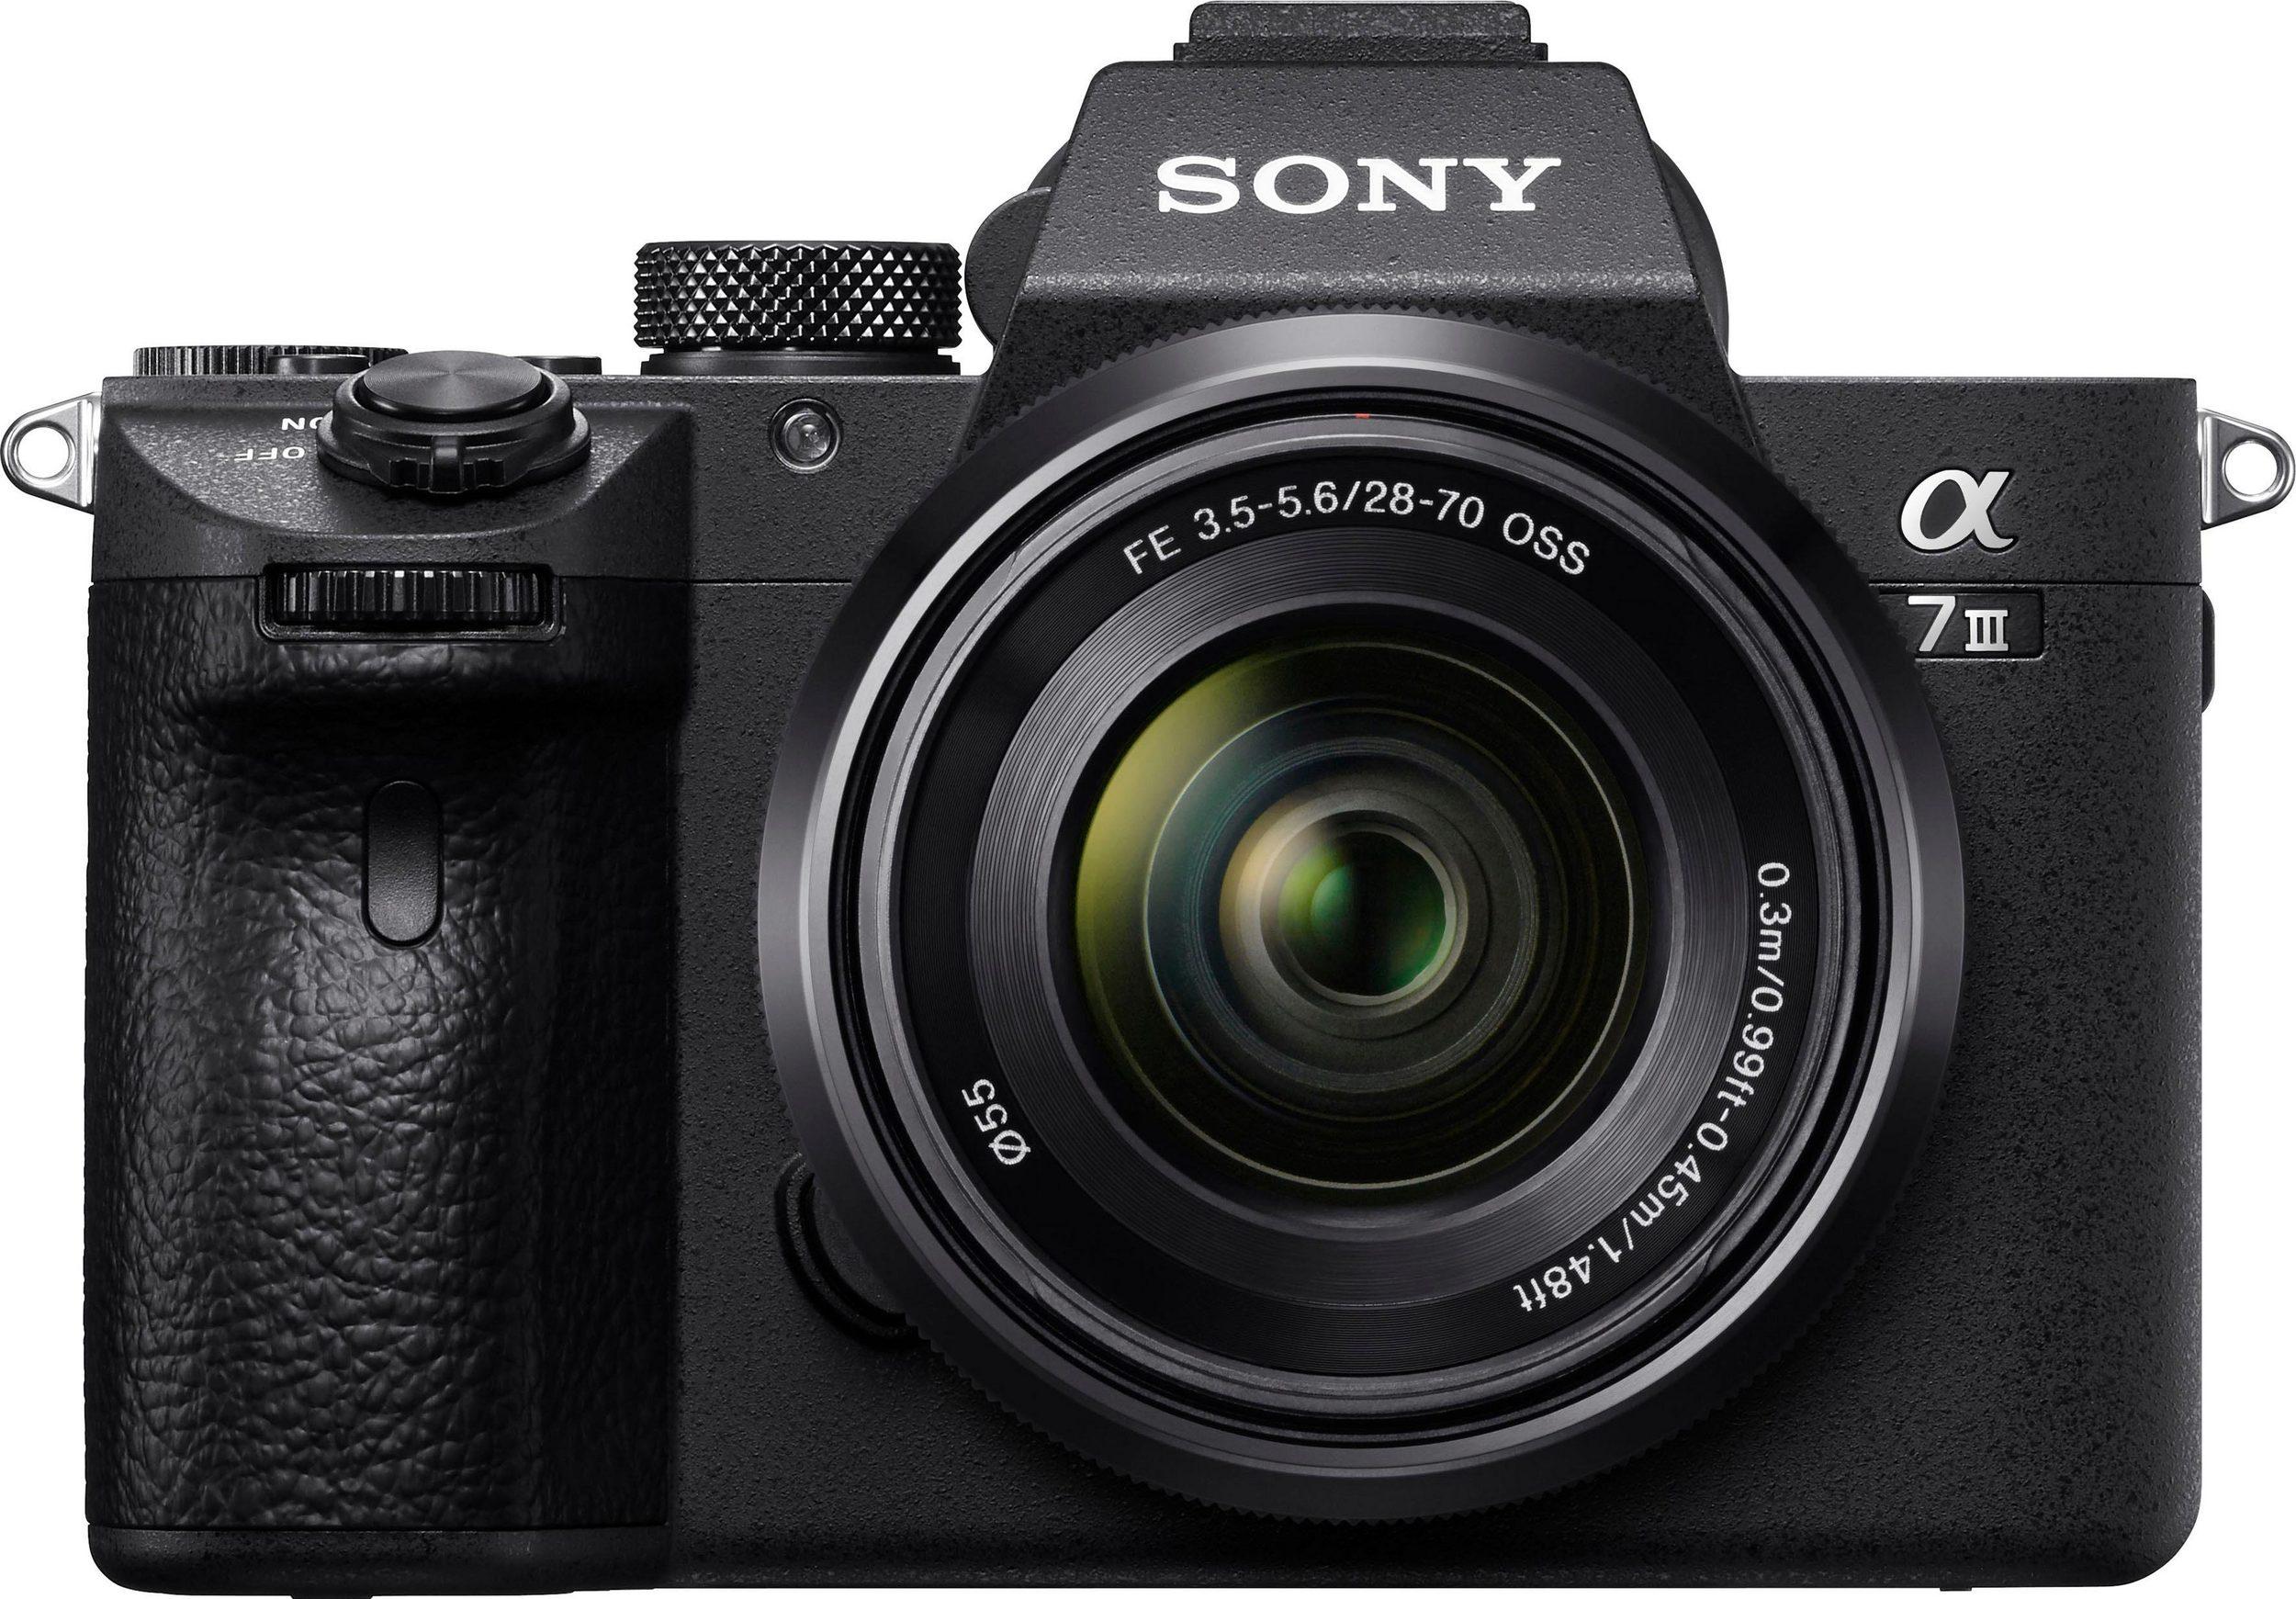 [OTTO] Sony A7 III mit Kitobjektiv -4% (mit weiterem Gutschein sogar bis zu 9%)